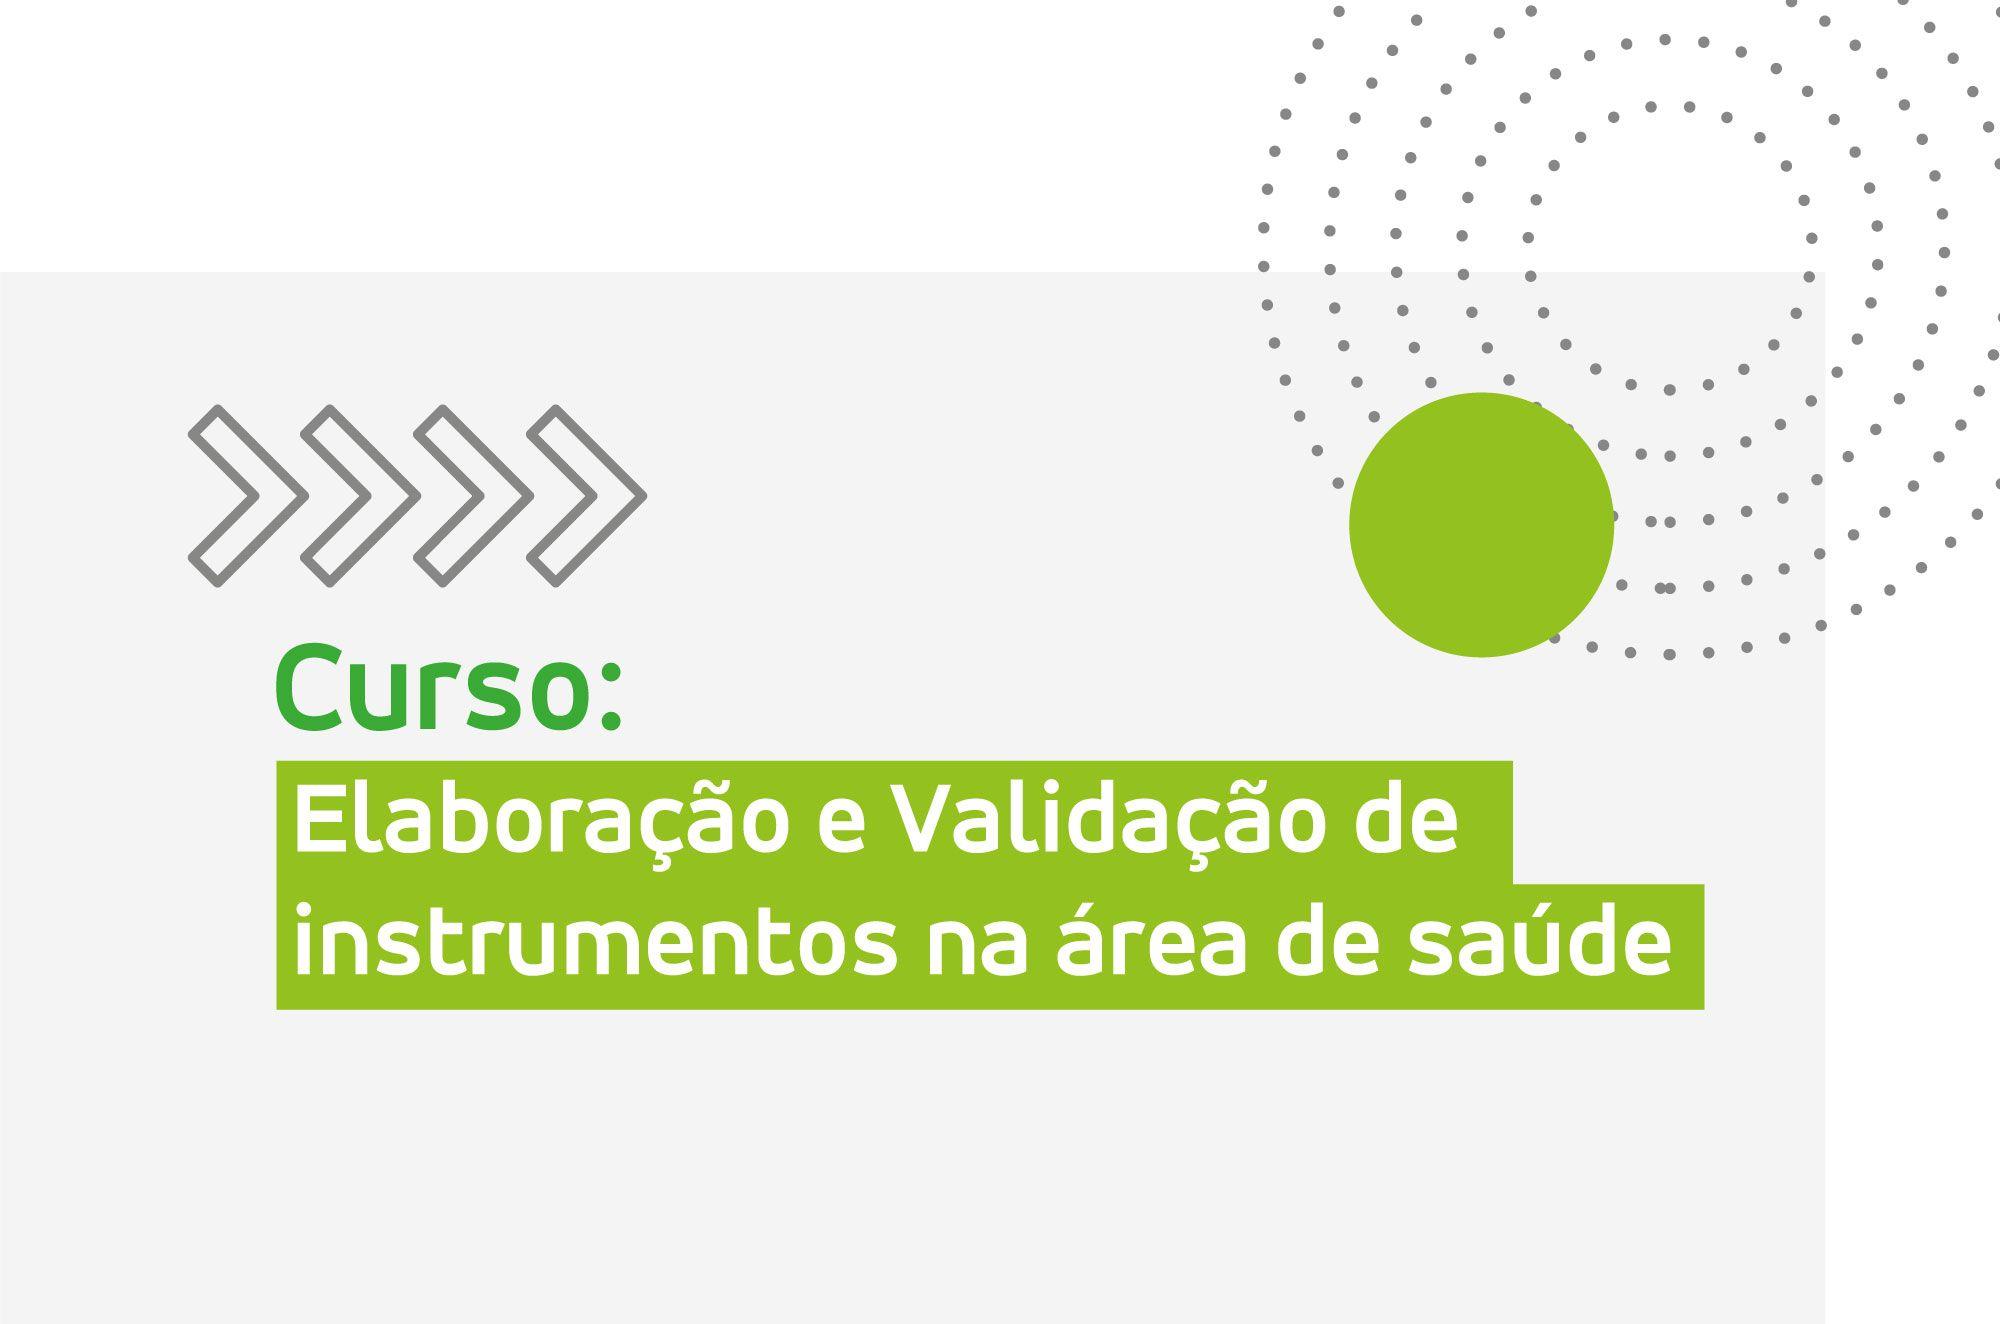 Curso: Elaboração e Validação de instrumentos na área de saúde